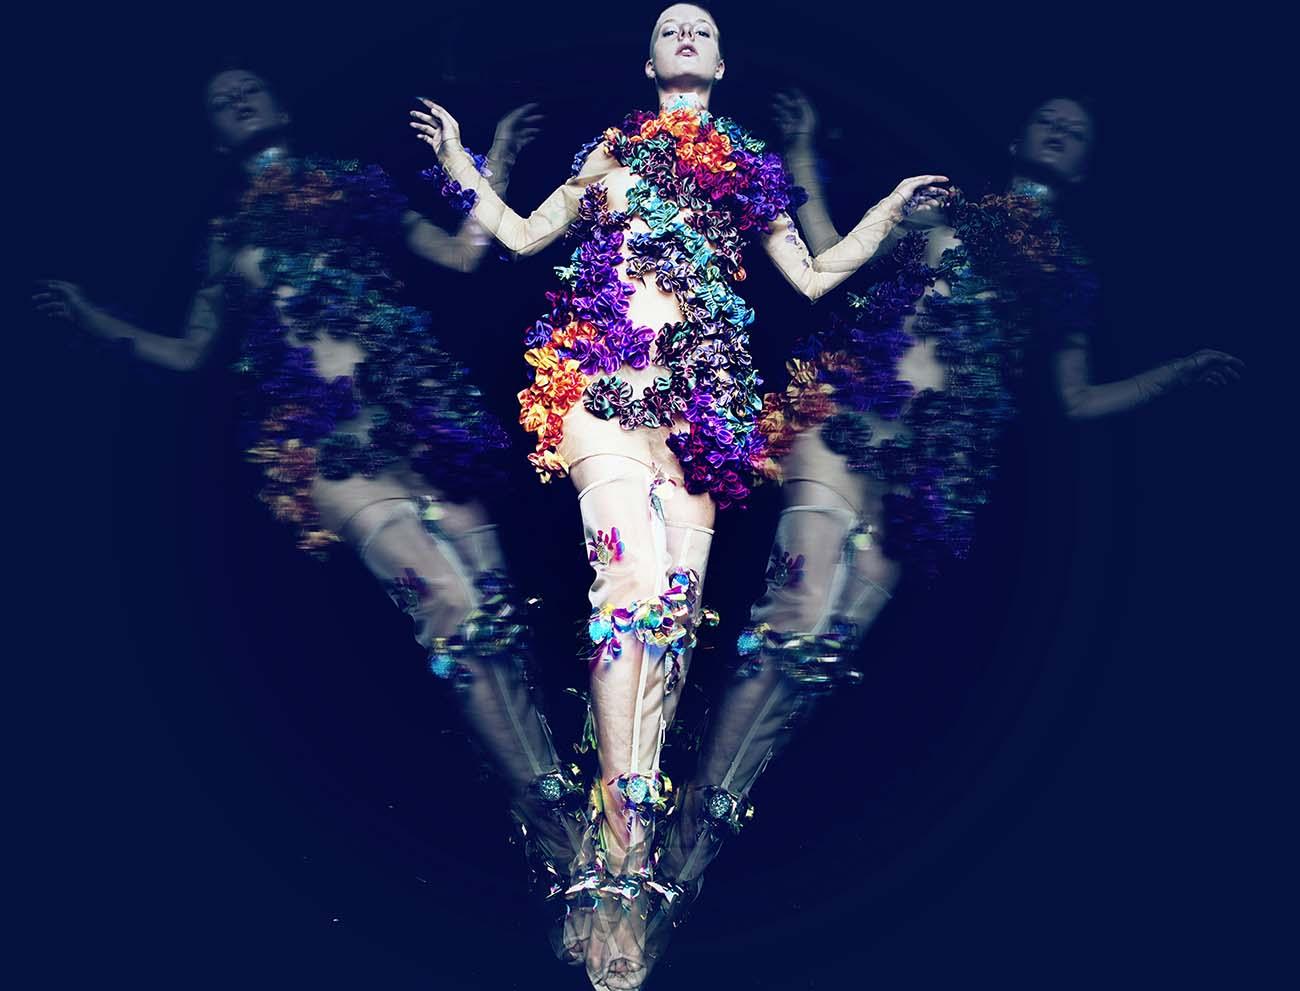 Kaleidoscope feat EWOL & Doodad & Fandango shot by Daniela Raiti